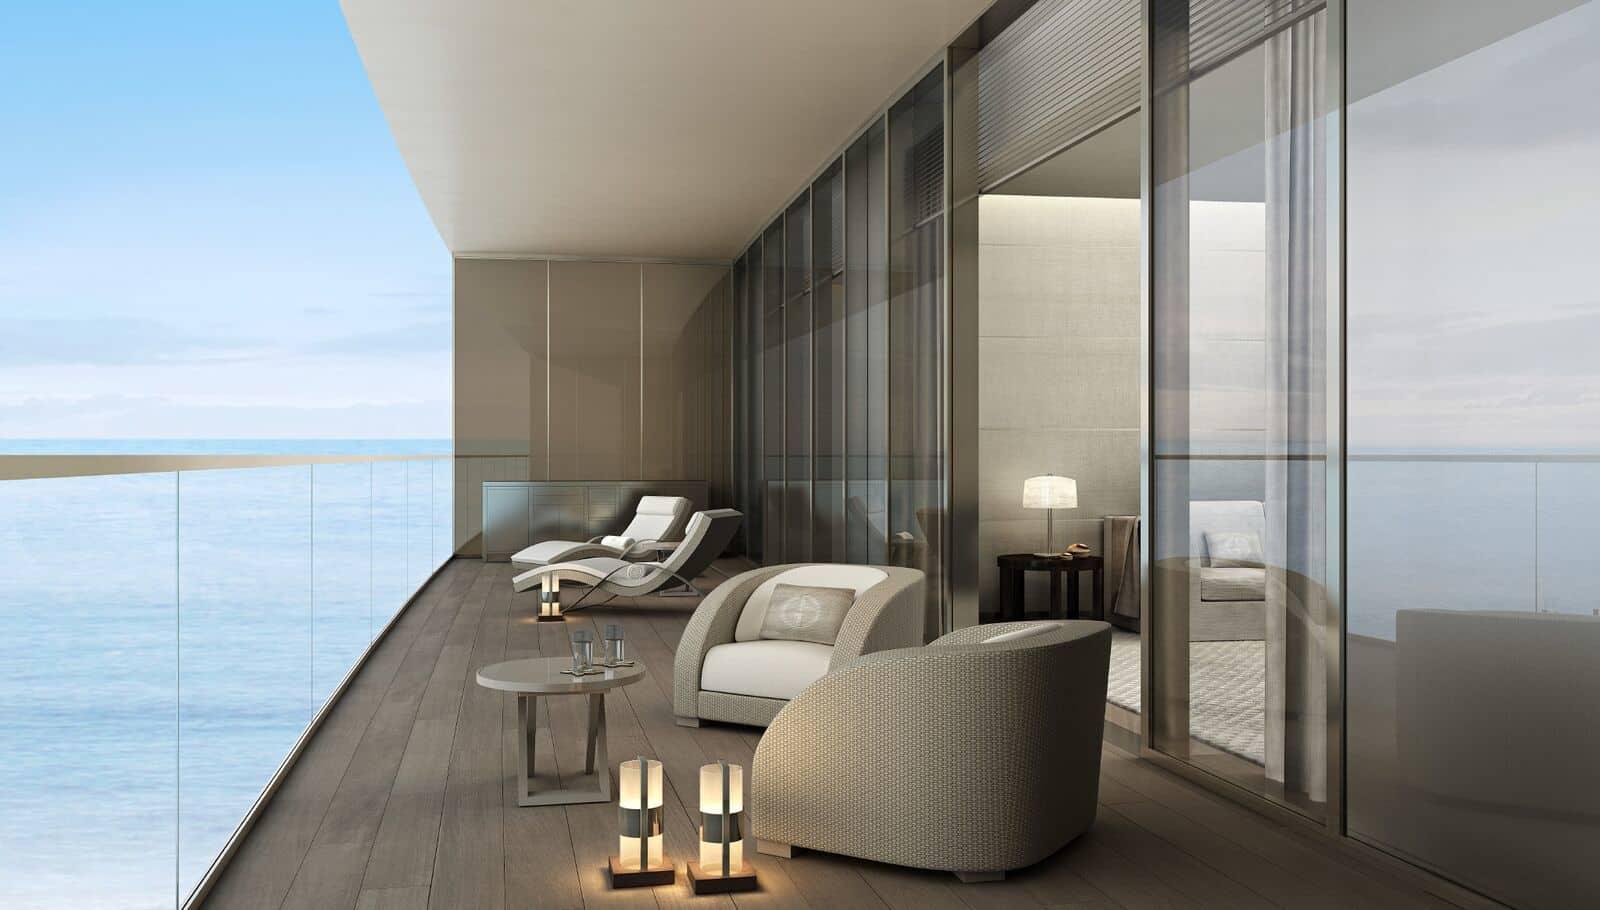 Armani/casa penthouse